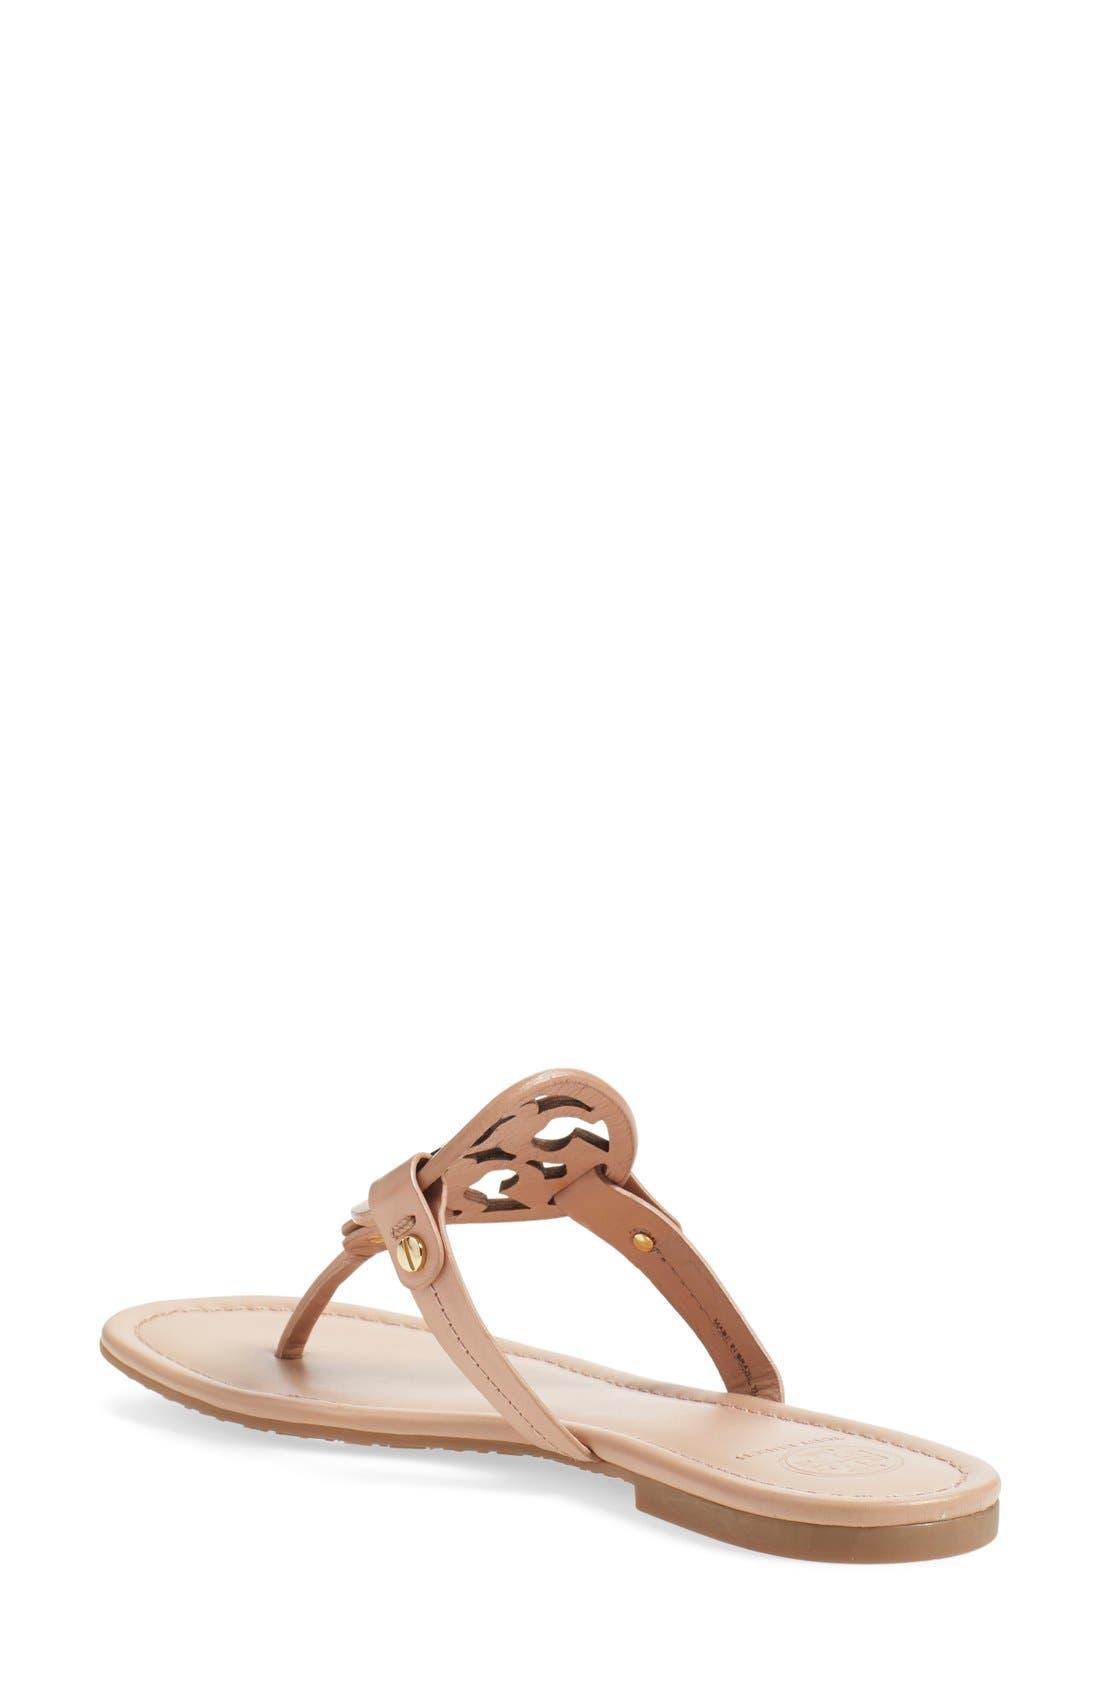 85875a7b556755 Women s Yellow Sandals